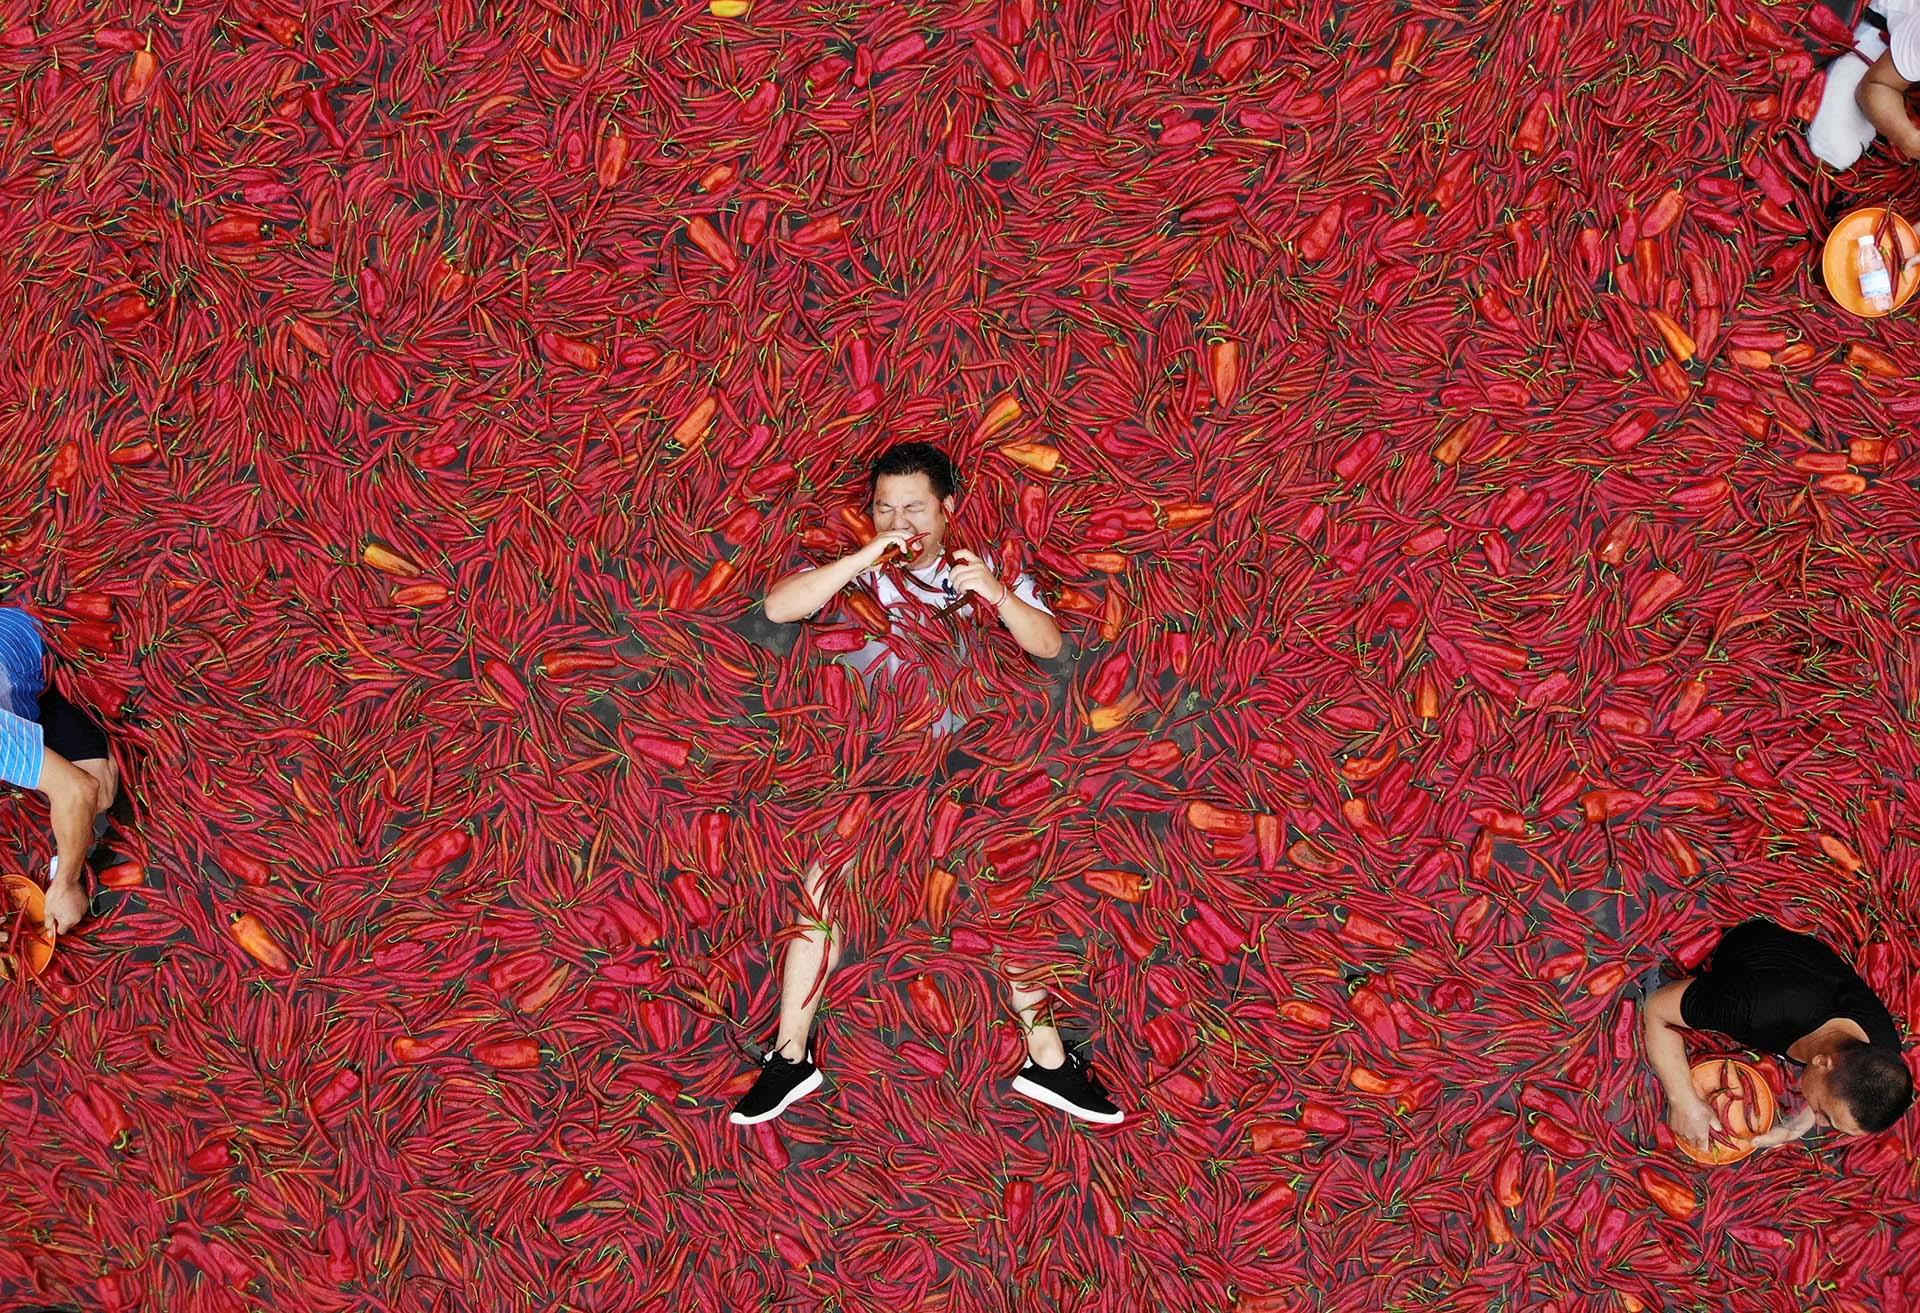 Un participante en la competencia anual de ingestión de chiles rojos en Ningxiang, China, el 8 de julio